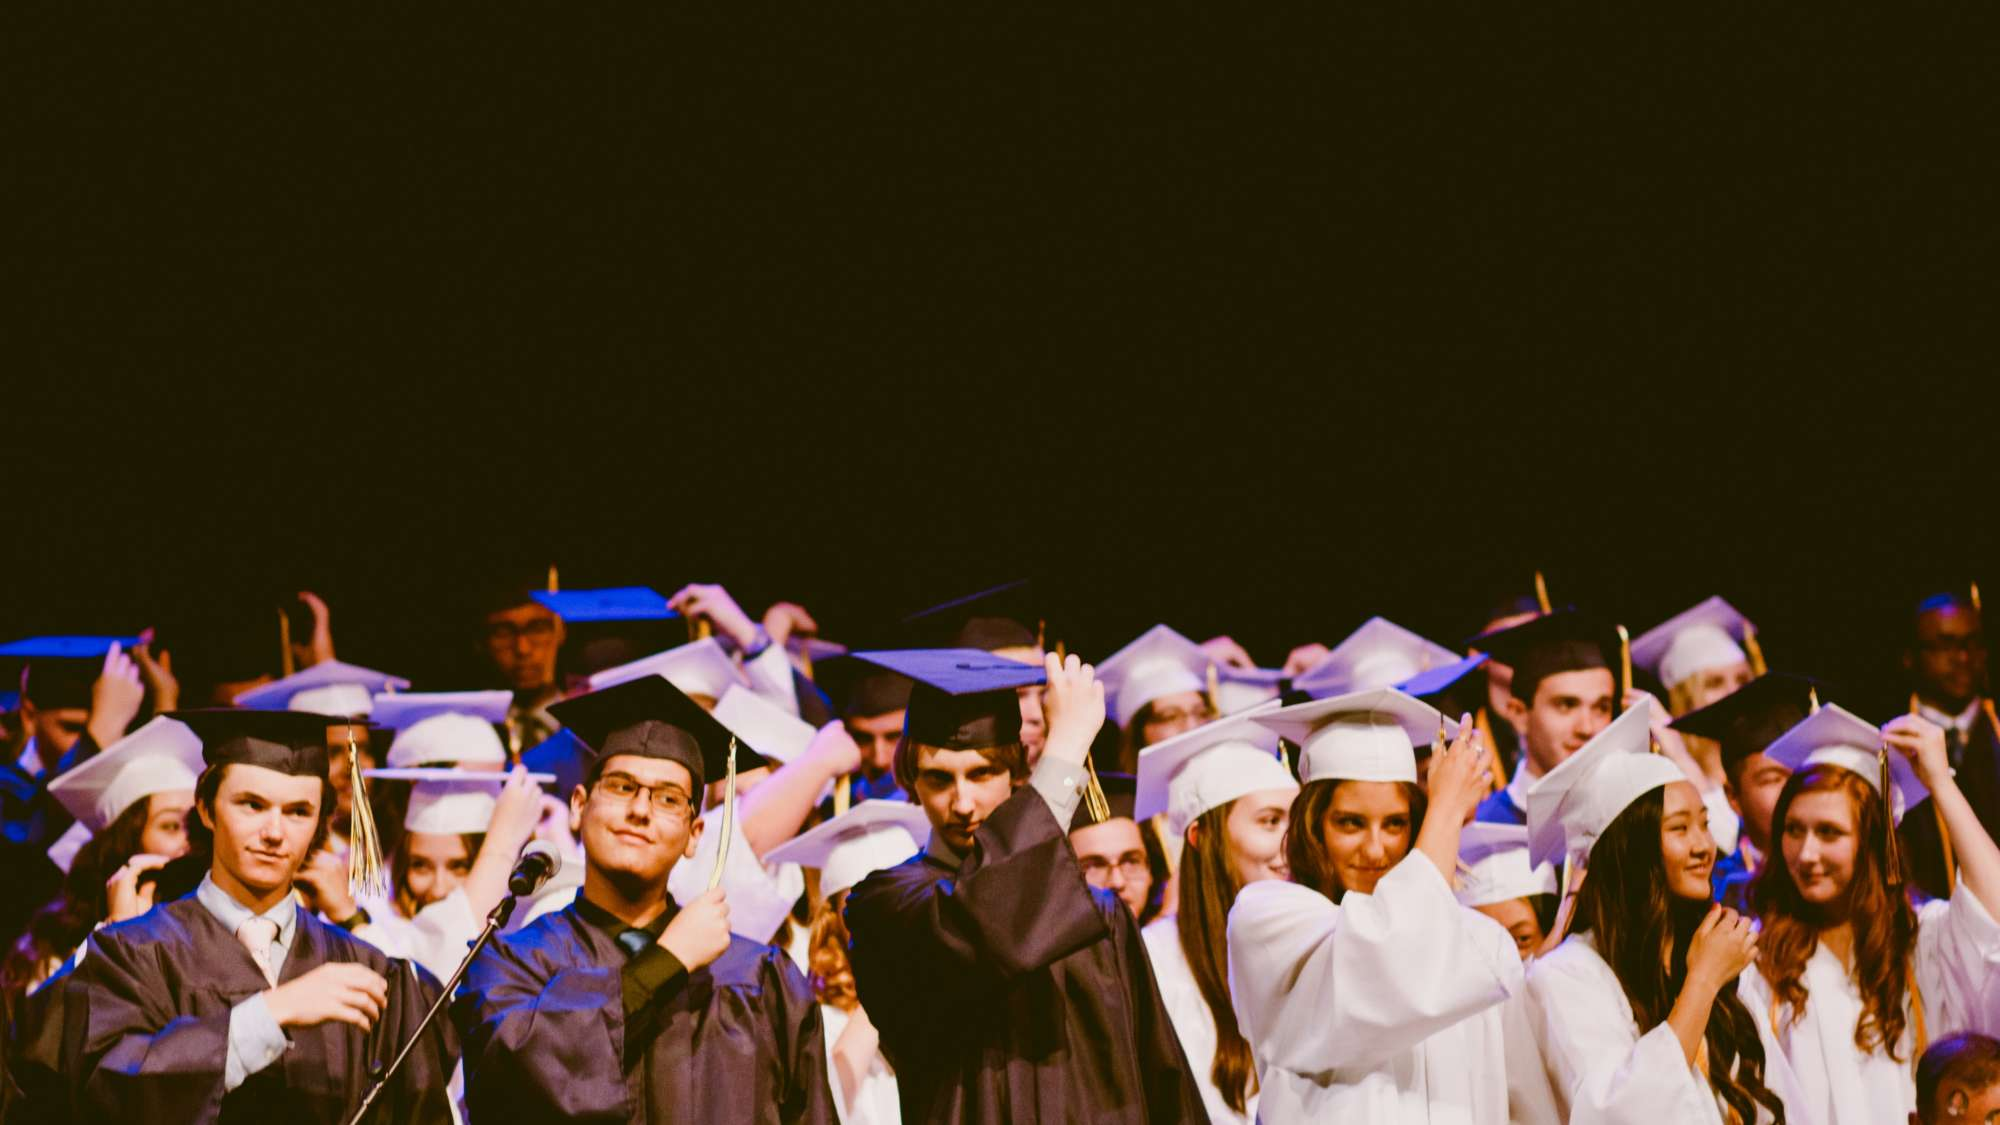 Médecine : un numéro inami pour chaque étudiant qui réussit son année !